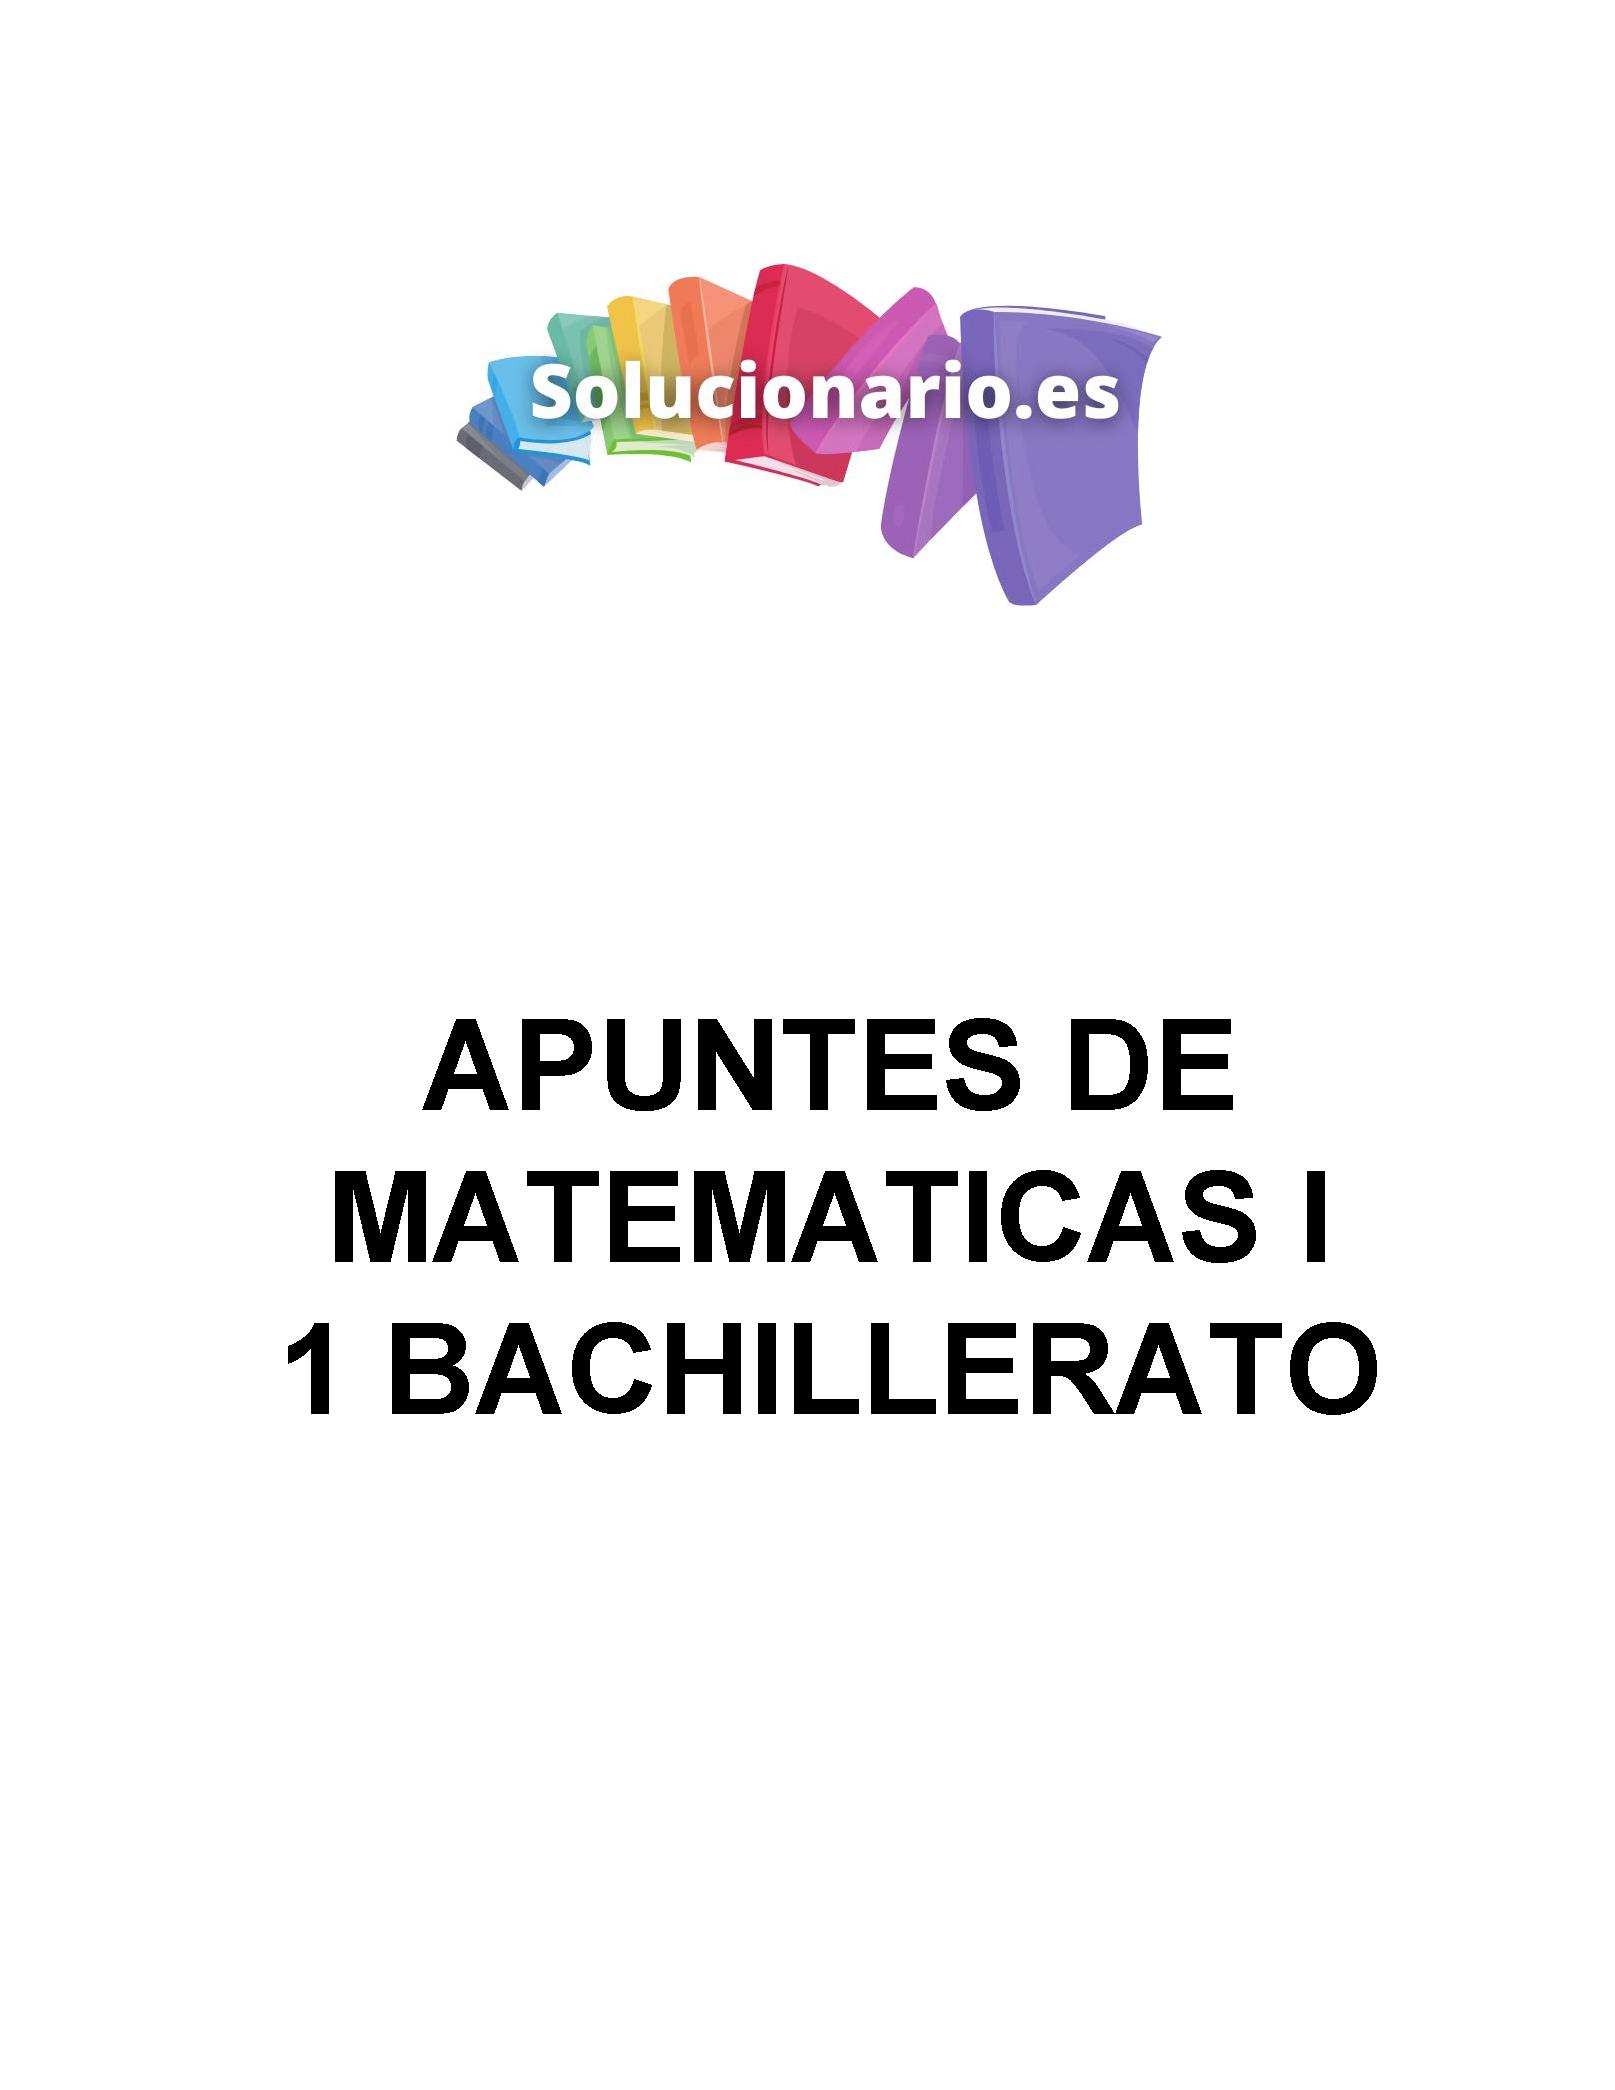 Apuntes Matemáticas Académicas Límites de funciones 1 Bachillerato 2020 / 2021